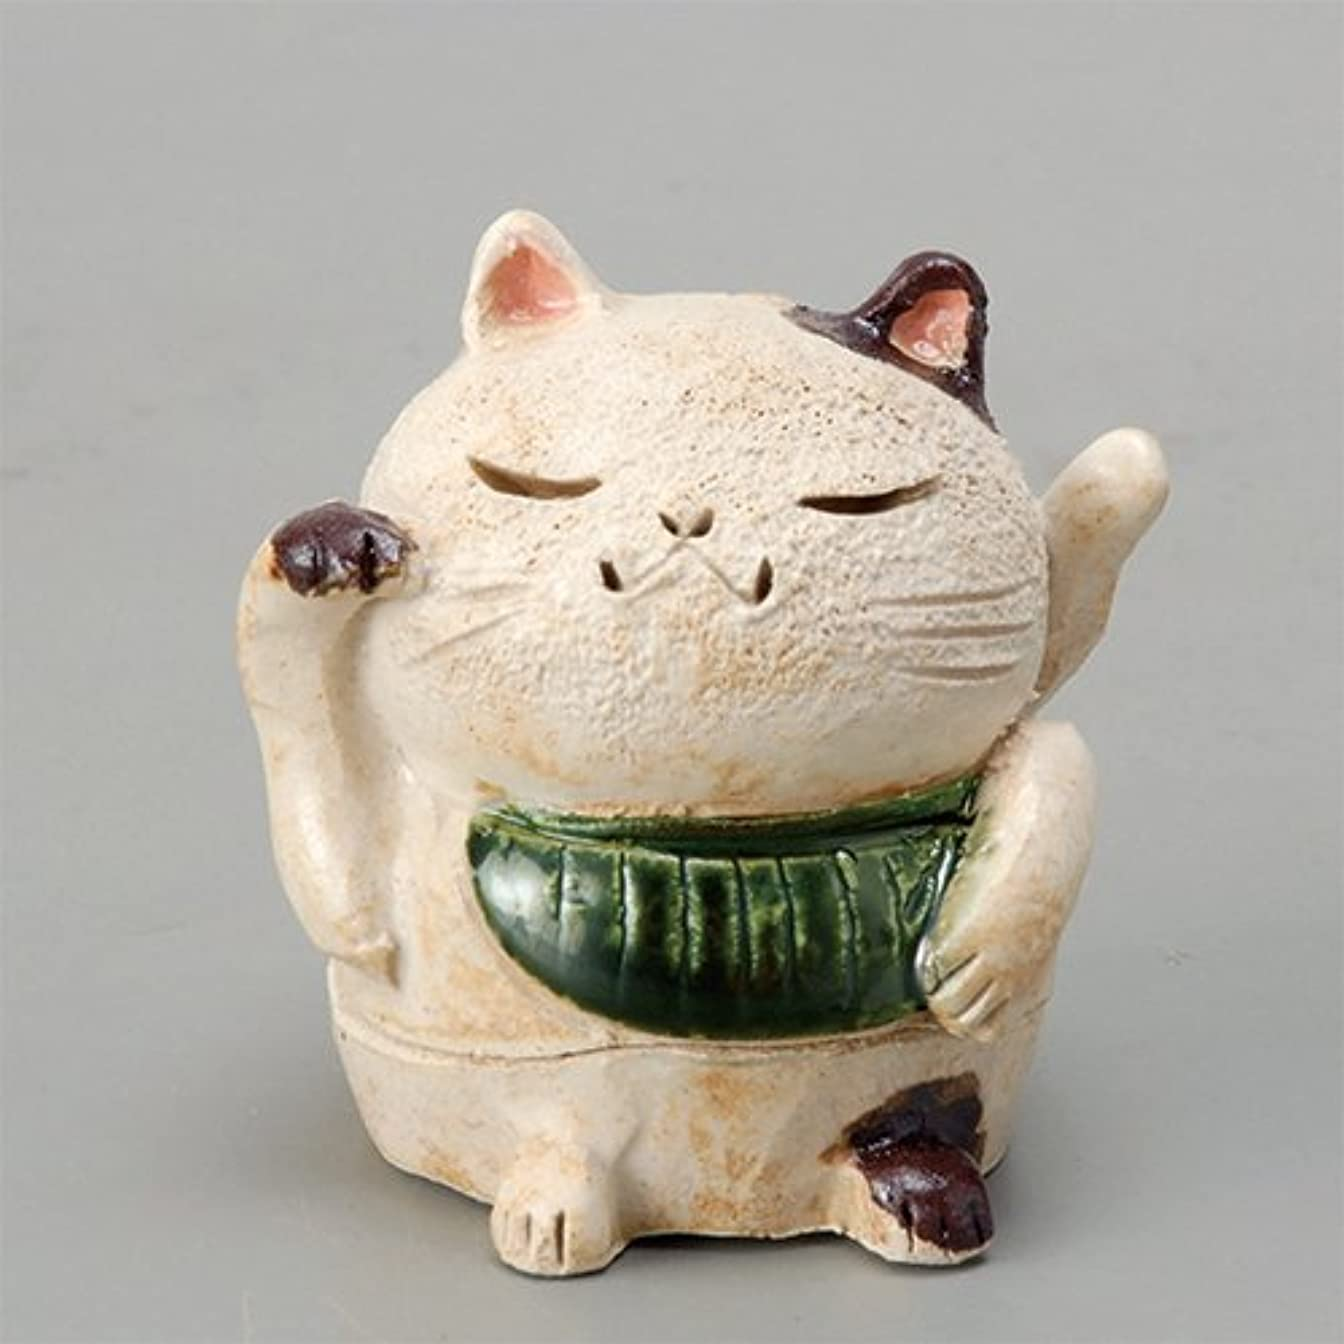 ばかげたどっちでも食器棚香炉 白萩 招き猫(お金)香炉(小) [H8cm] HANDMADE プレゼント ギフト 和食器 かわいい インテリア